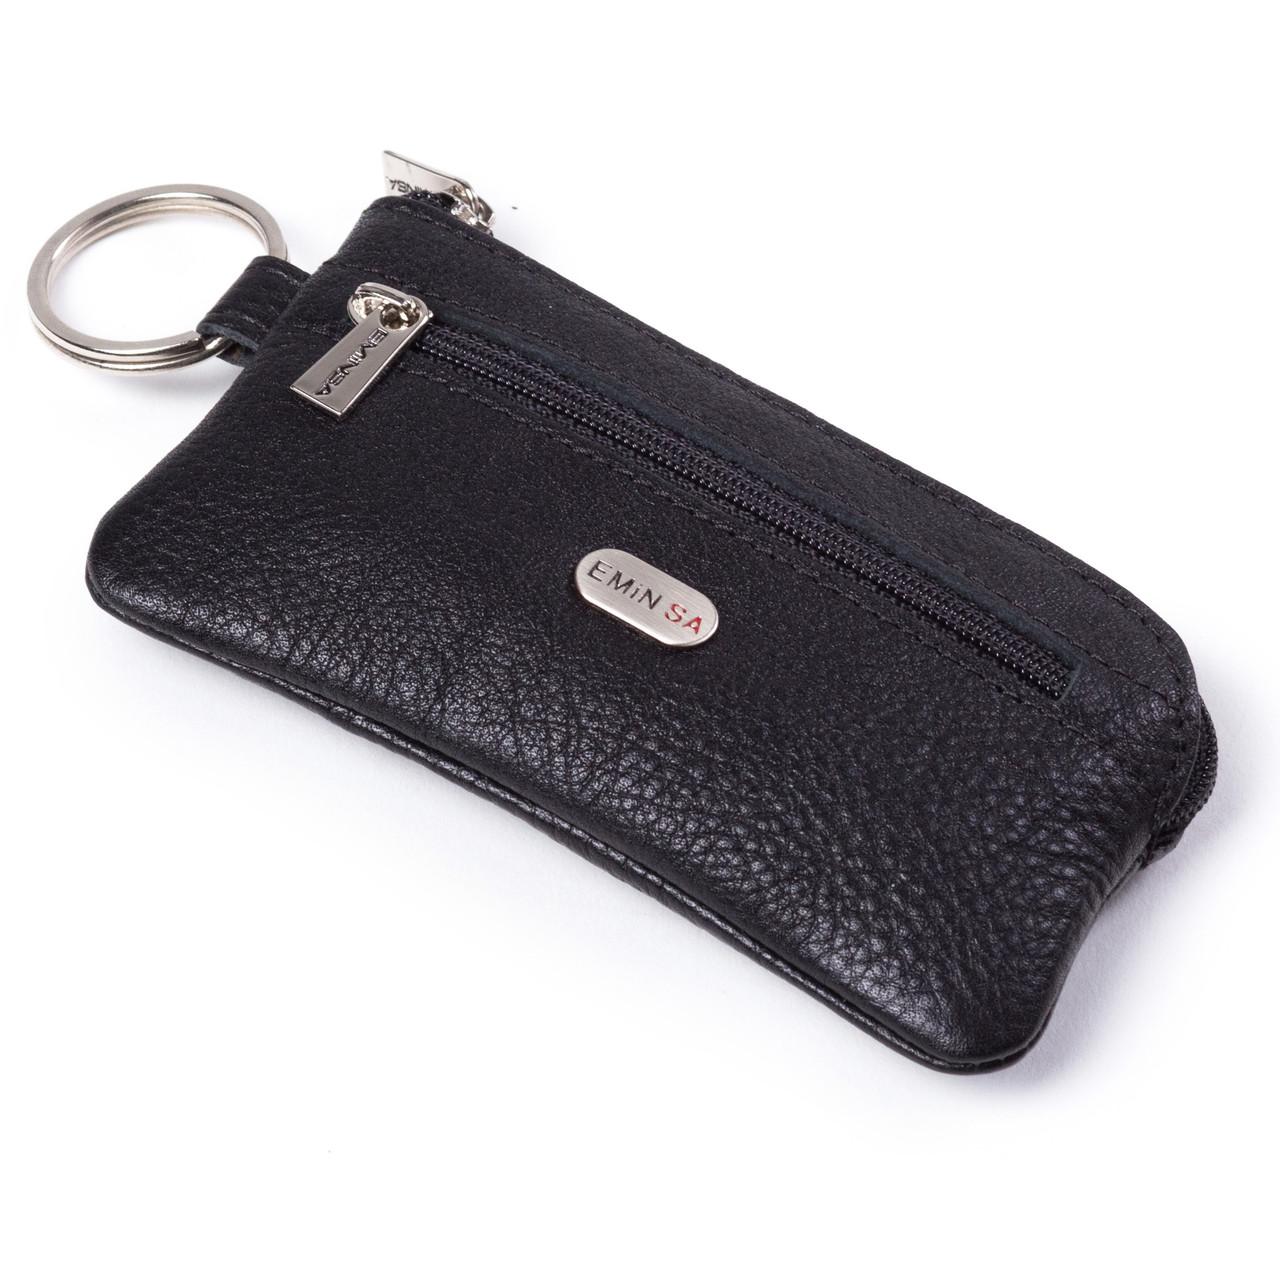 Ключница кожаная черная  Eminsa 1502-12-1